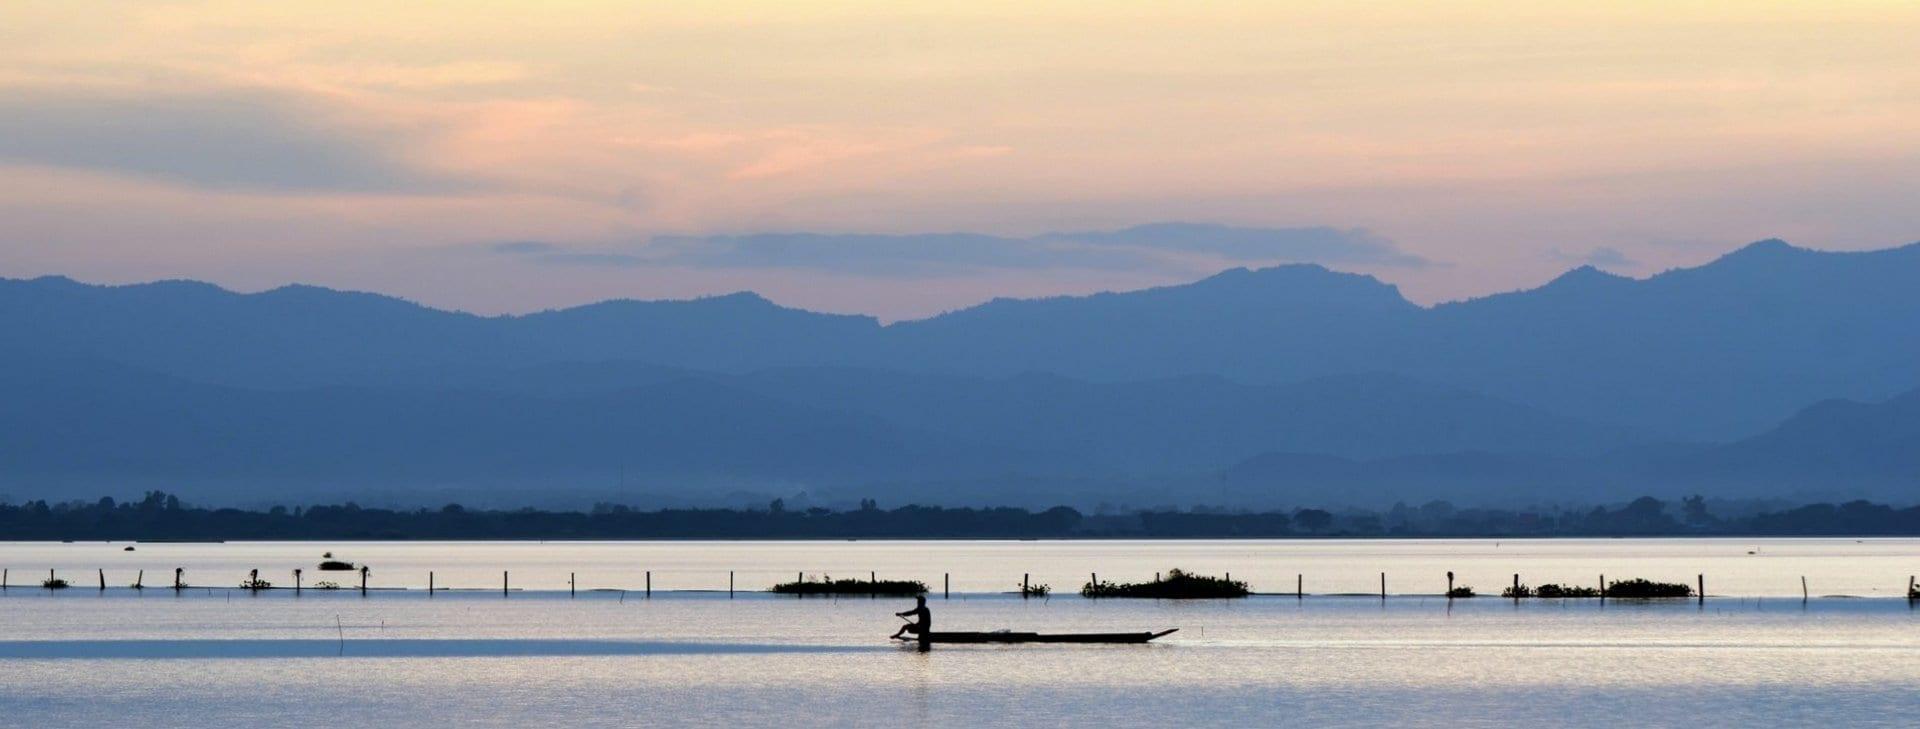 La ciudad de Phayao se encuentra a las orillas del lago Phayao. Phayao Tailandia